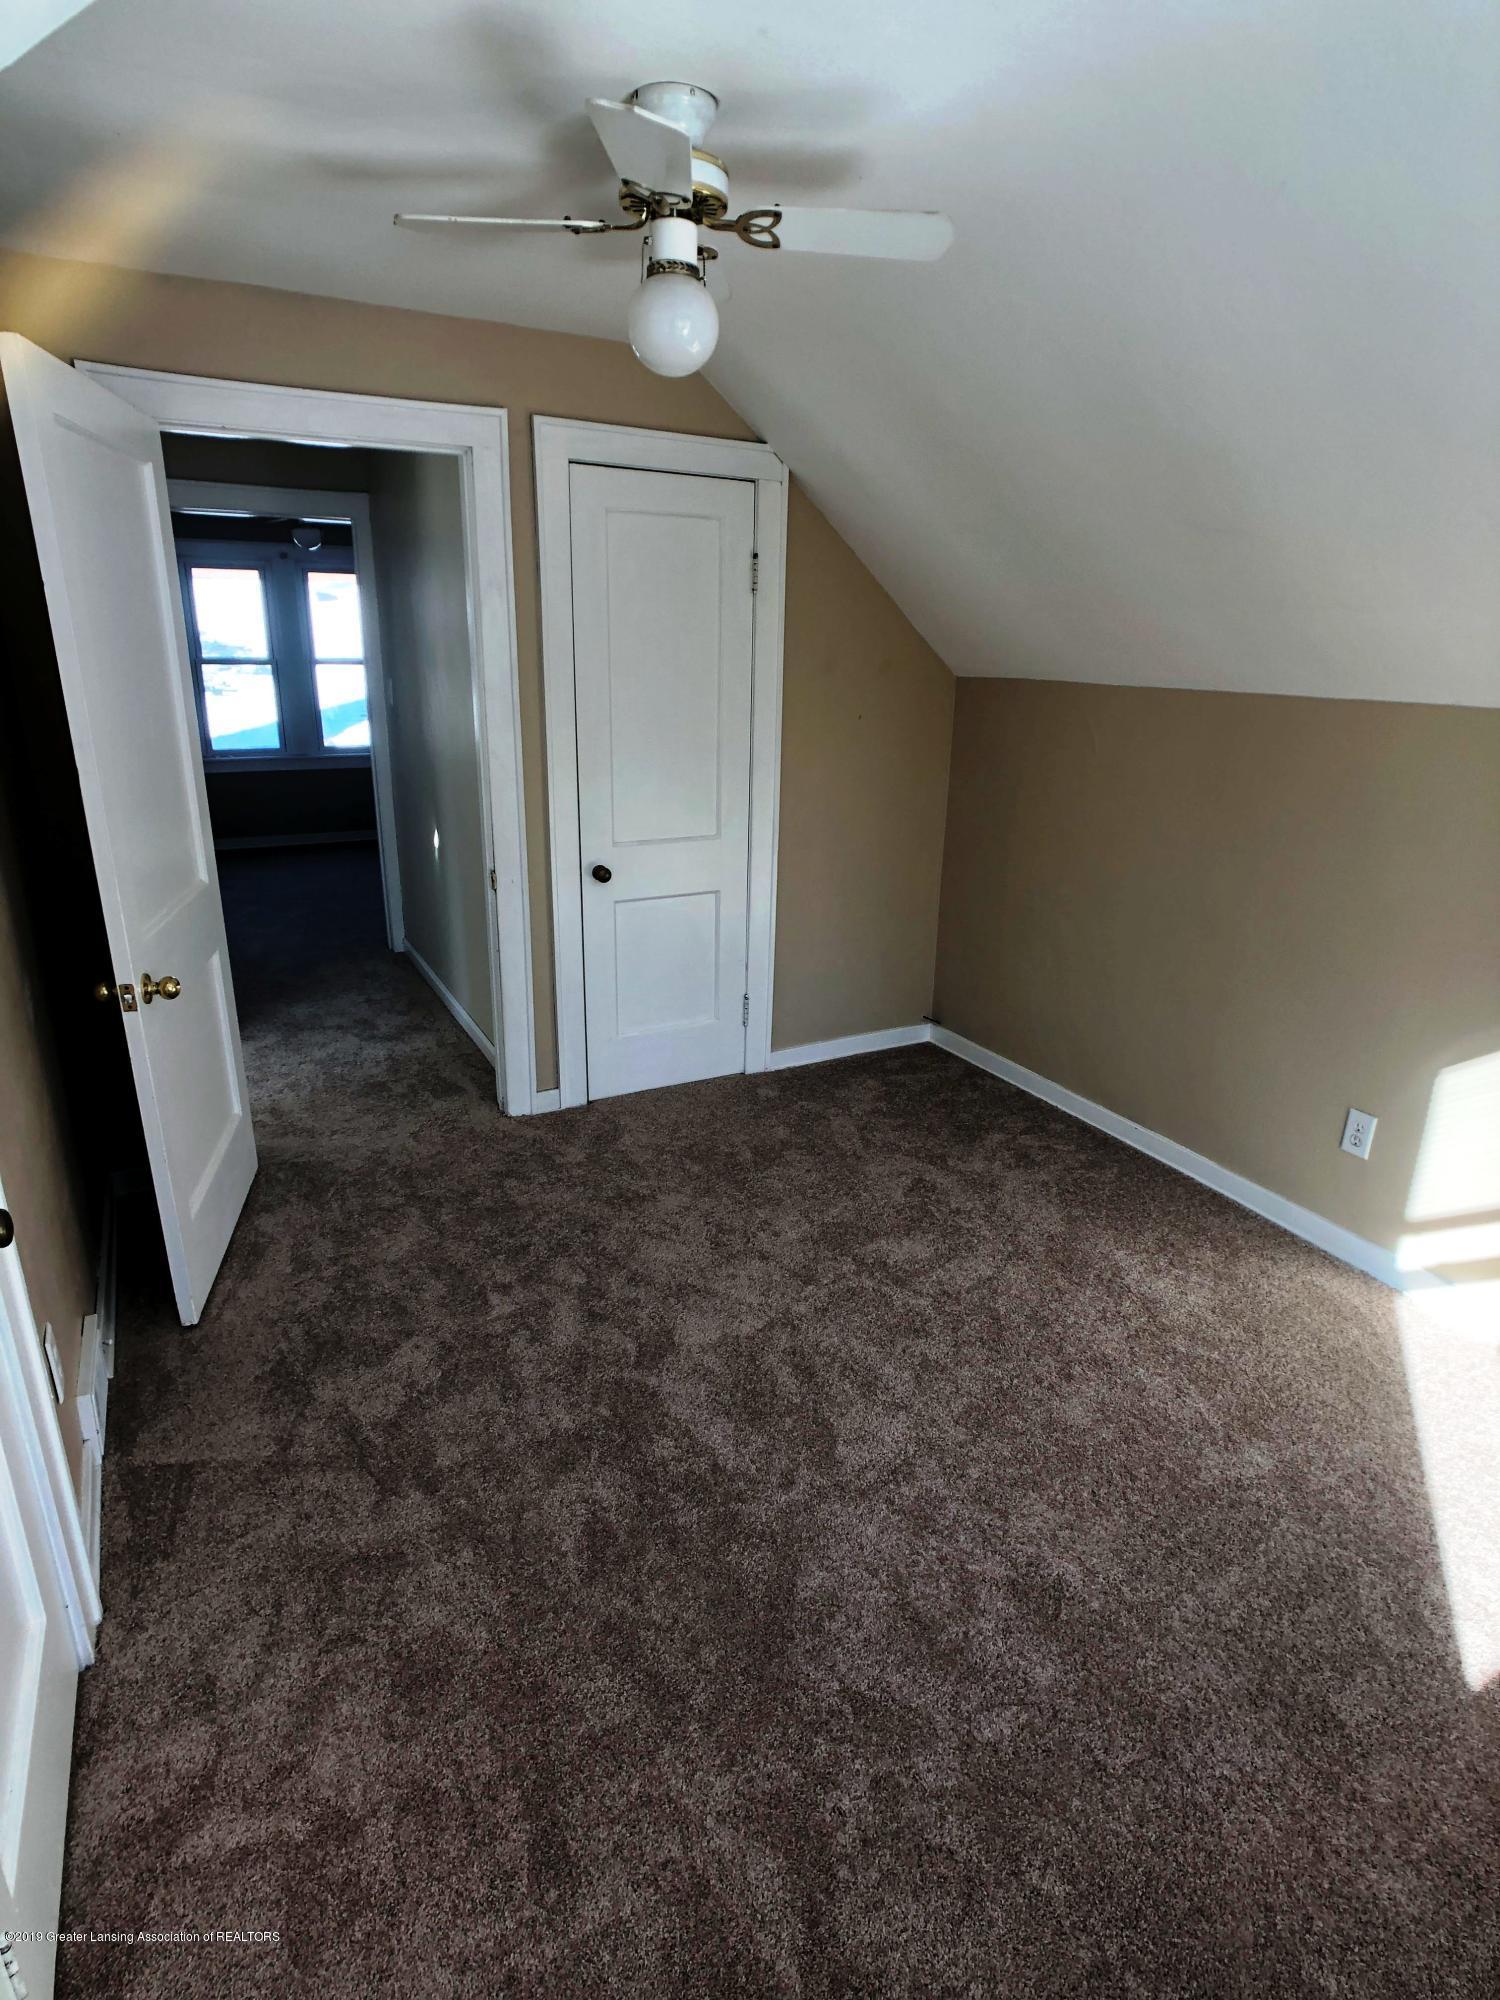 206 E Main St - Bedroom #2 - 15